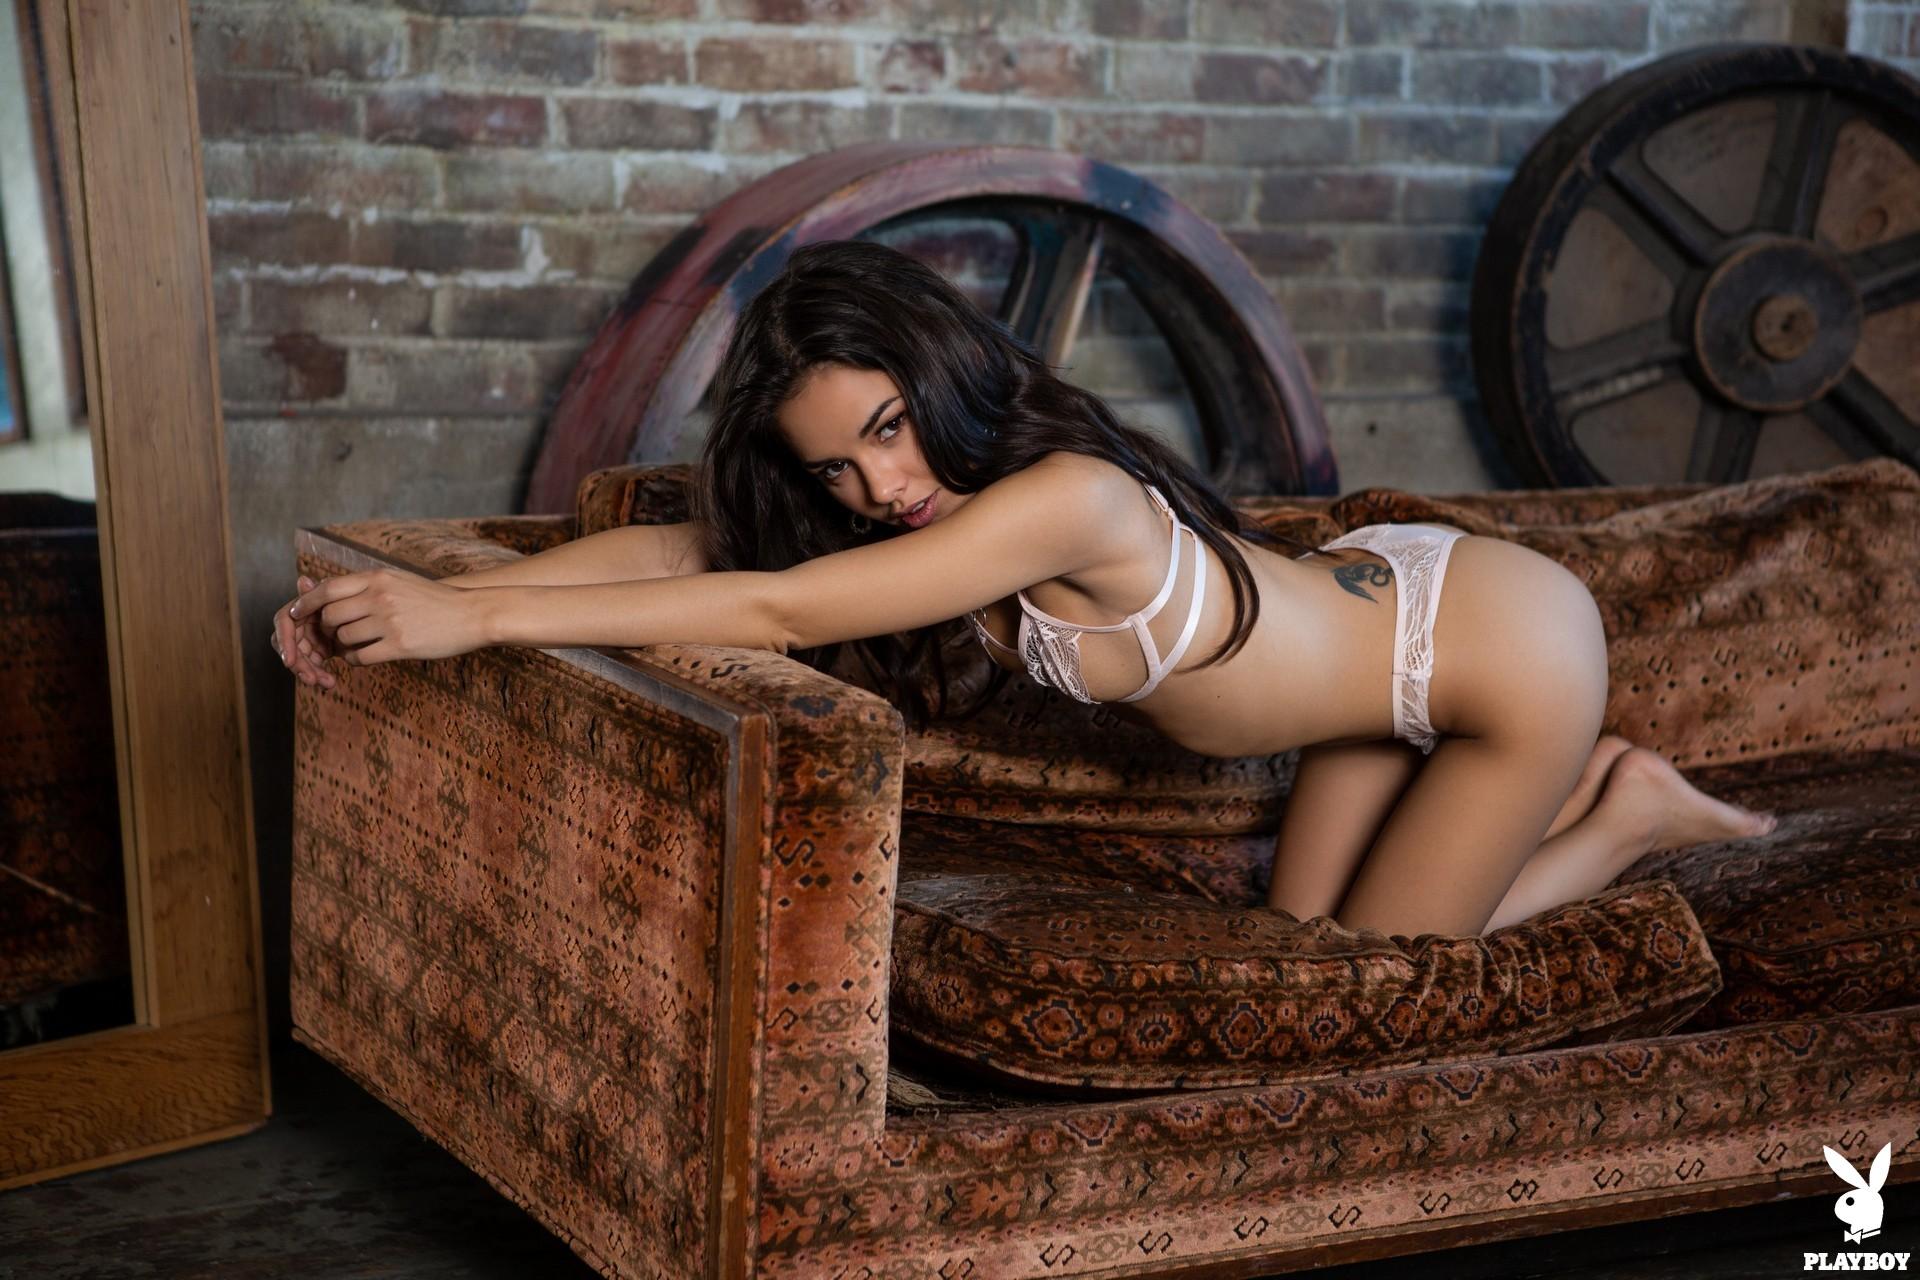 Dominique Gabrielle in Rustic Seduction - Playboy Plus 31